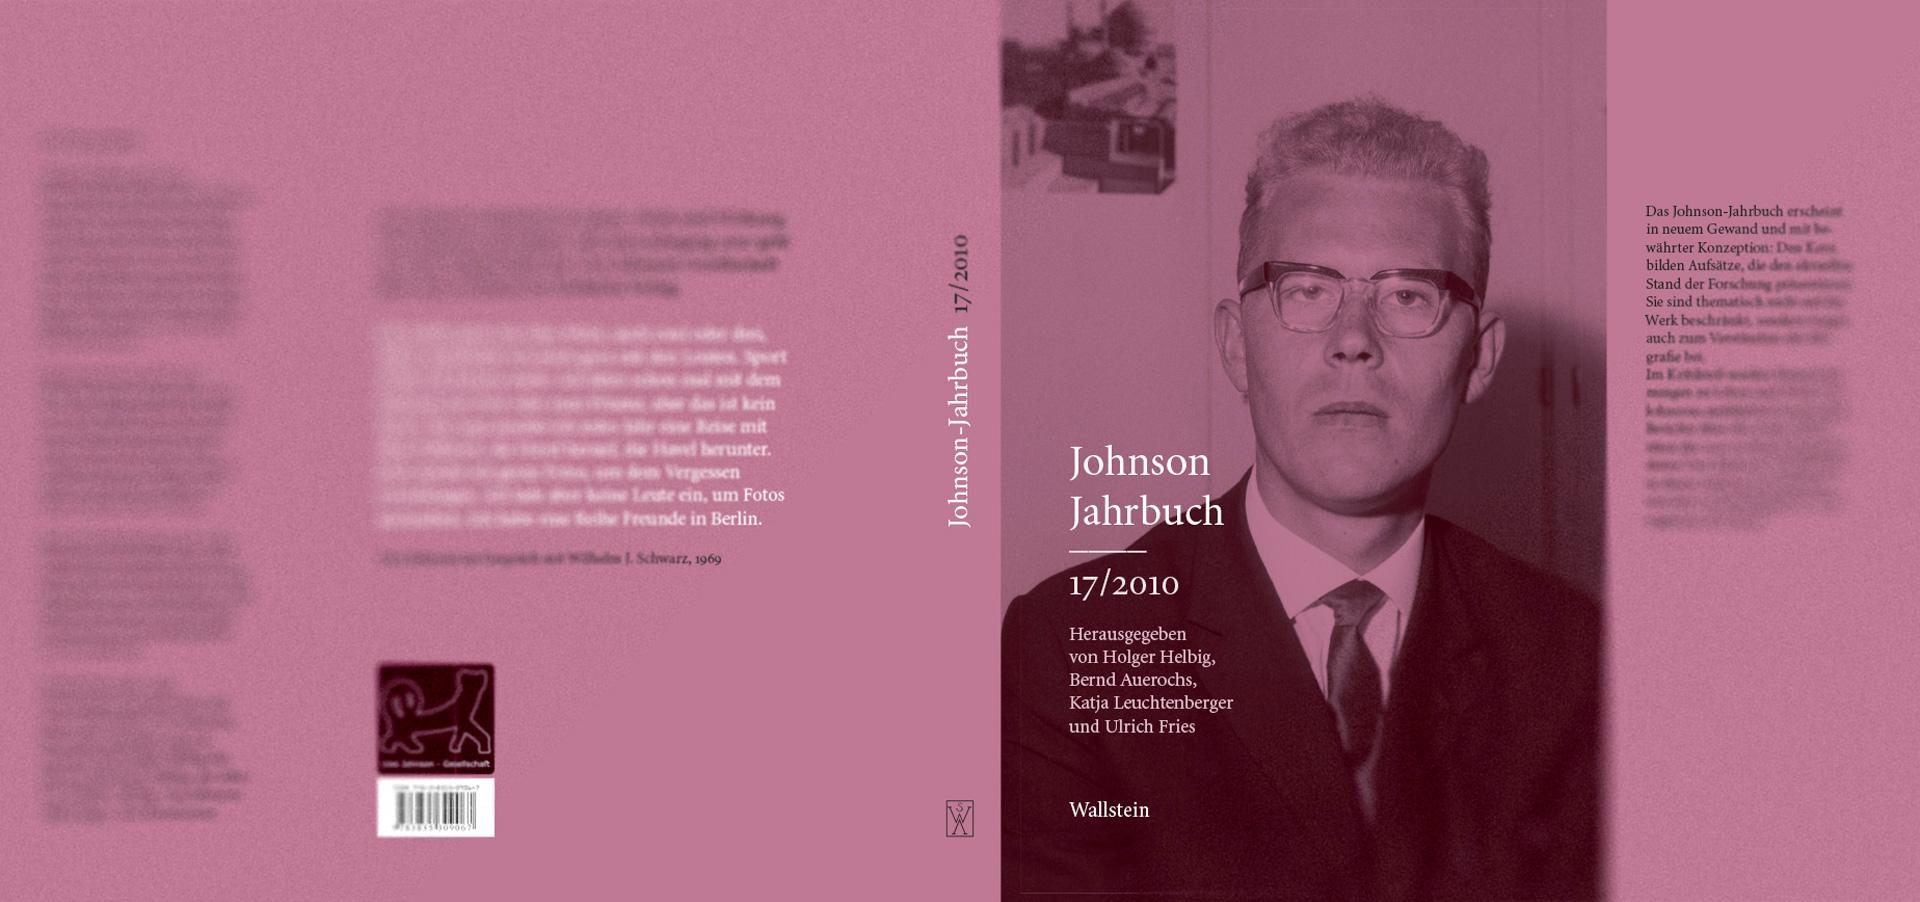 Reihenkonzept »Johnson-Jahrbuch« - Band 17/2010, Schutzumschlaggestaltung